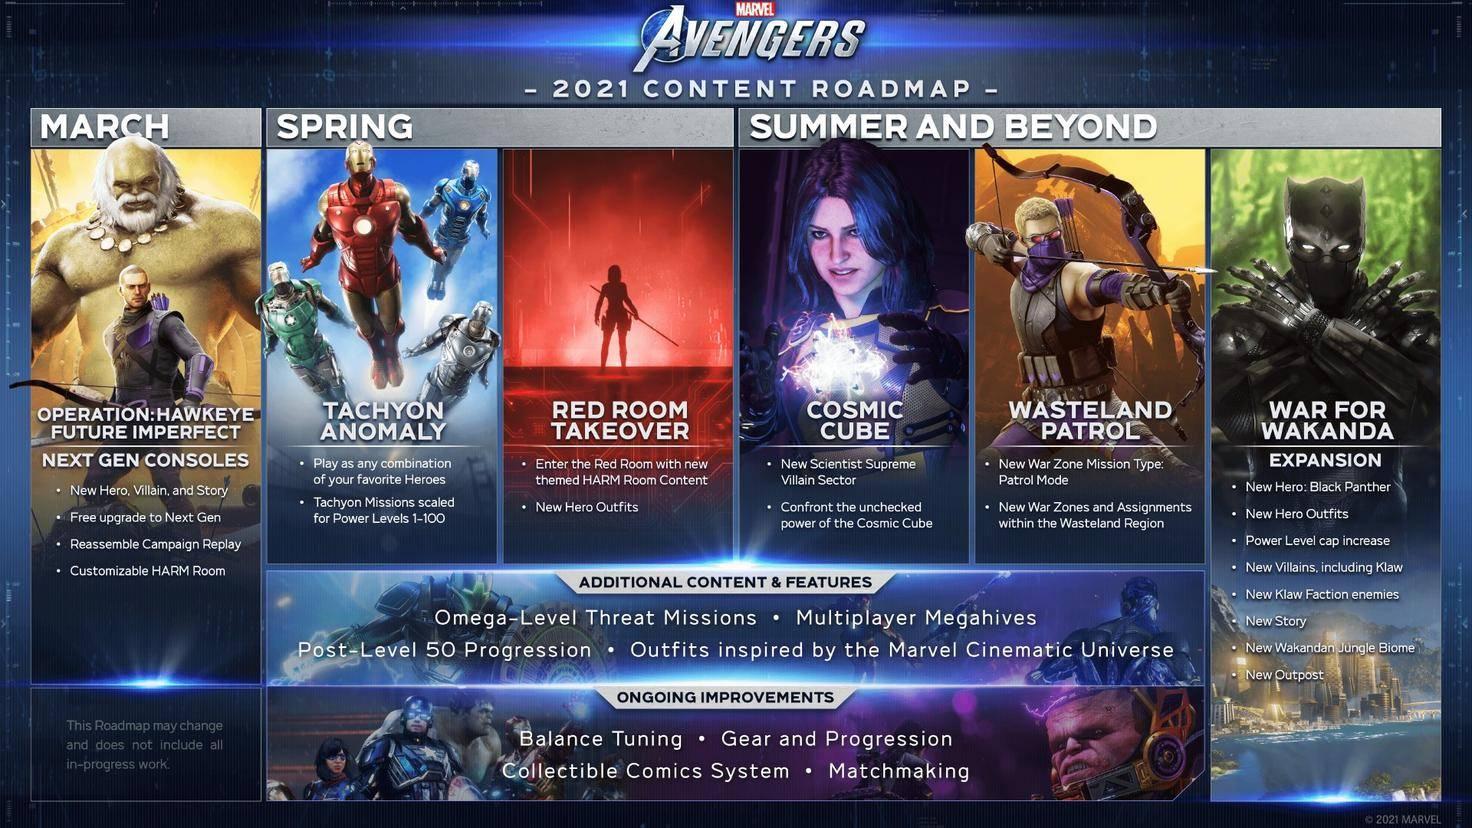 marvels avengers roadmap 2021